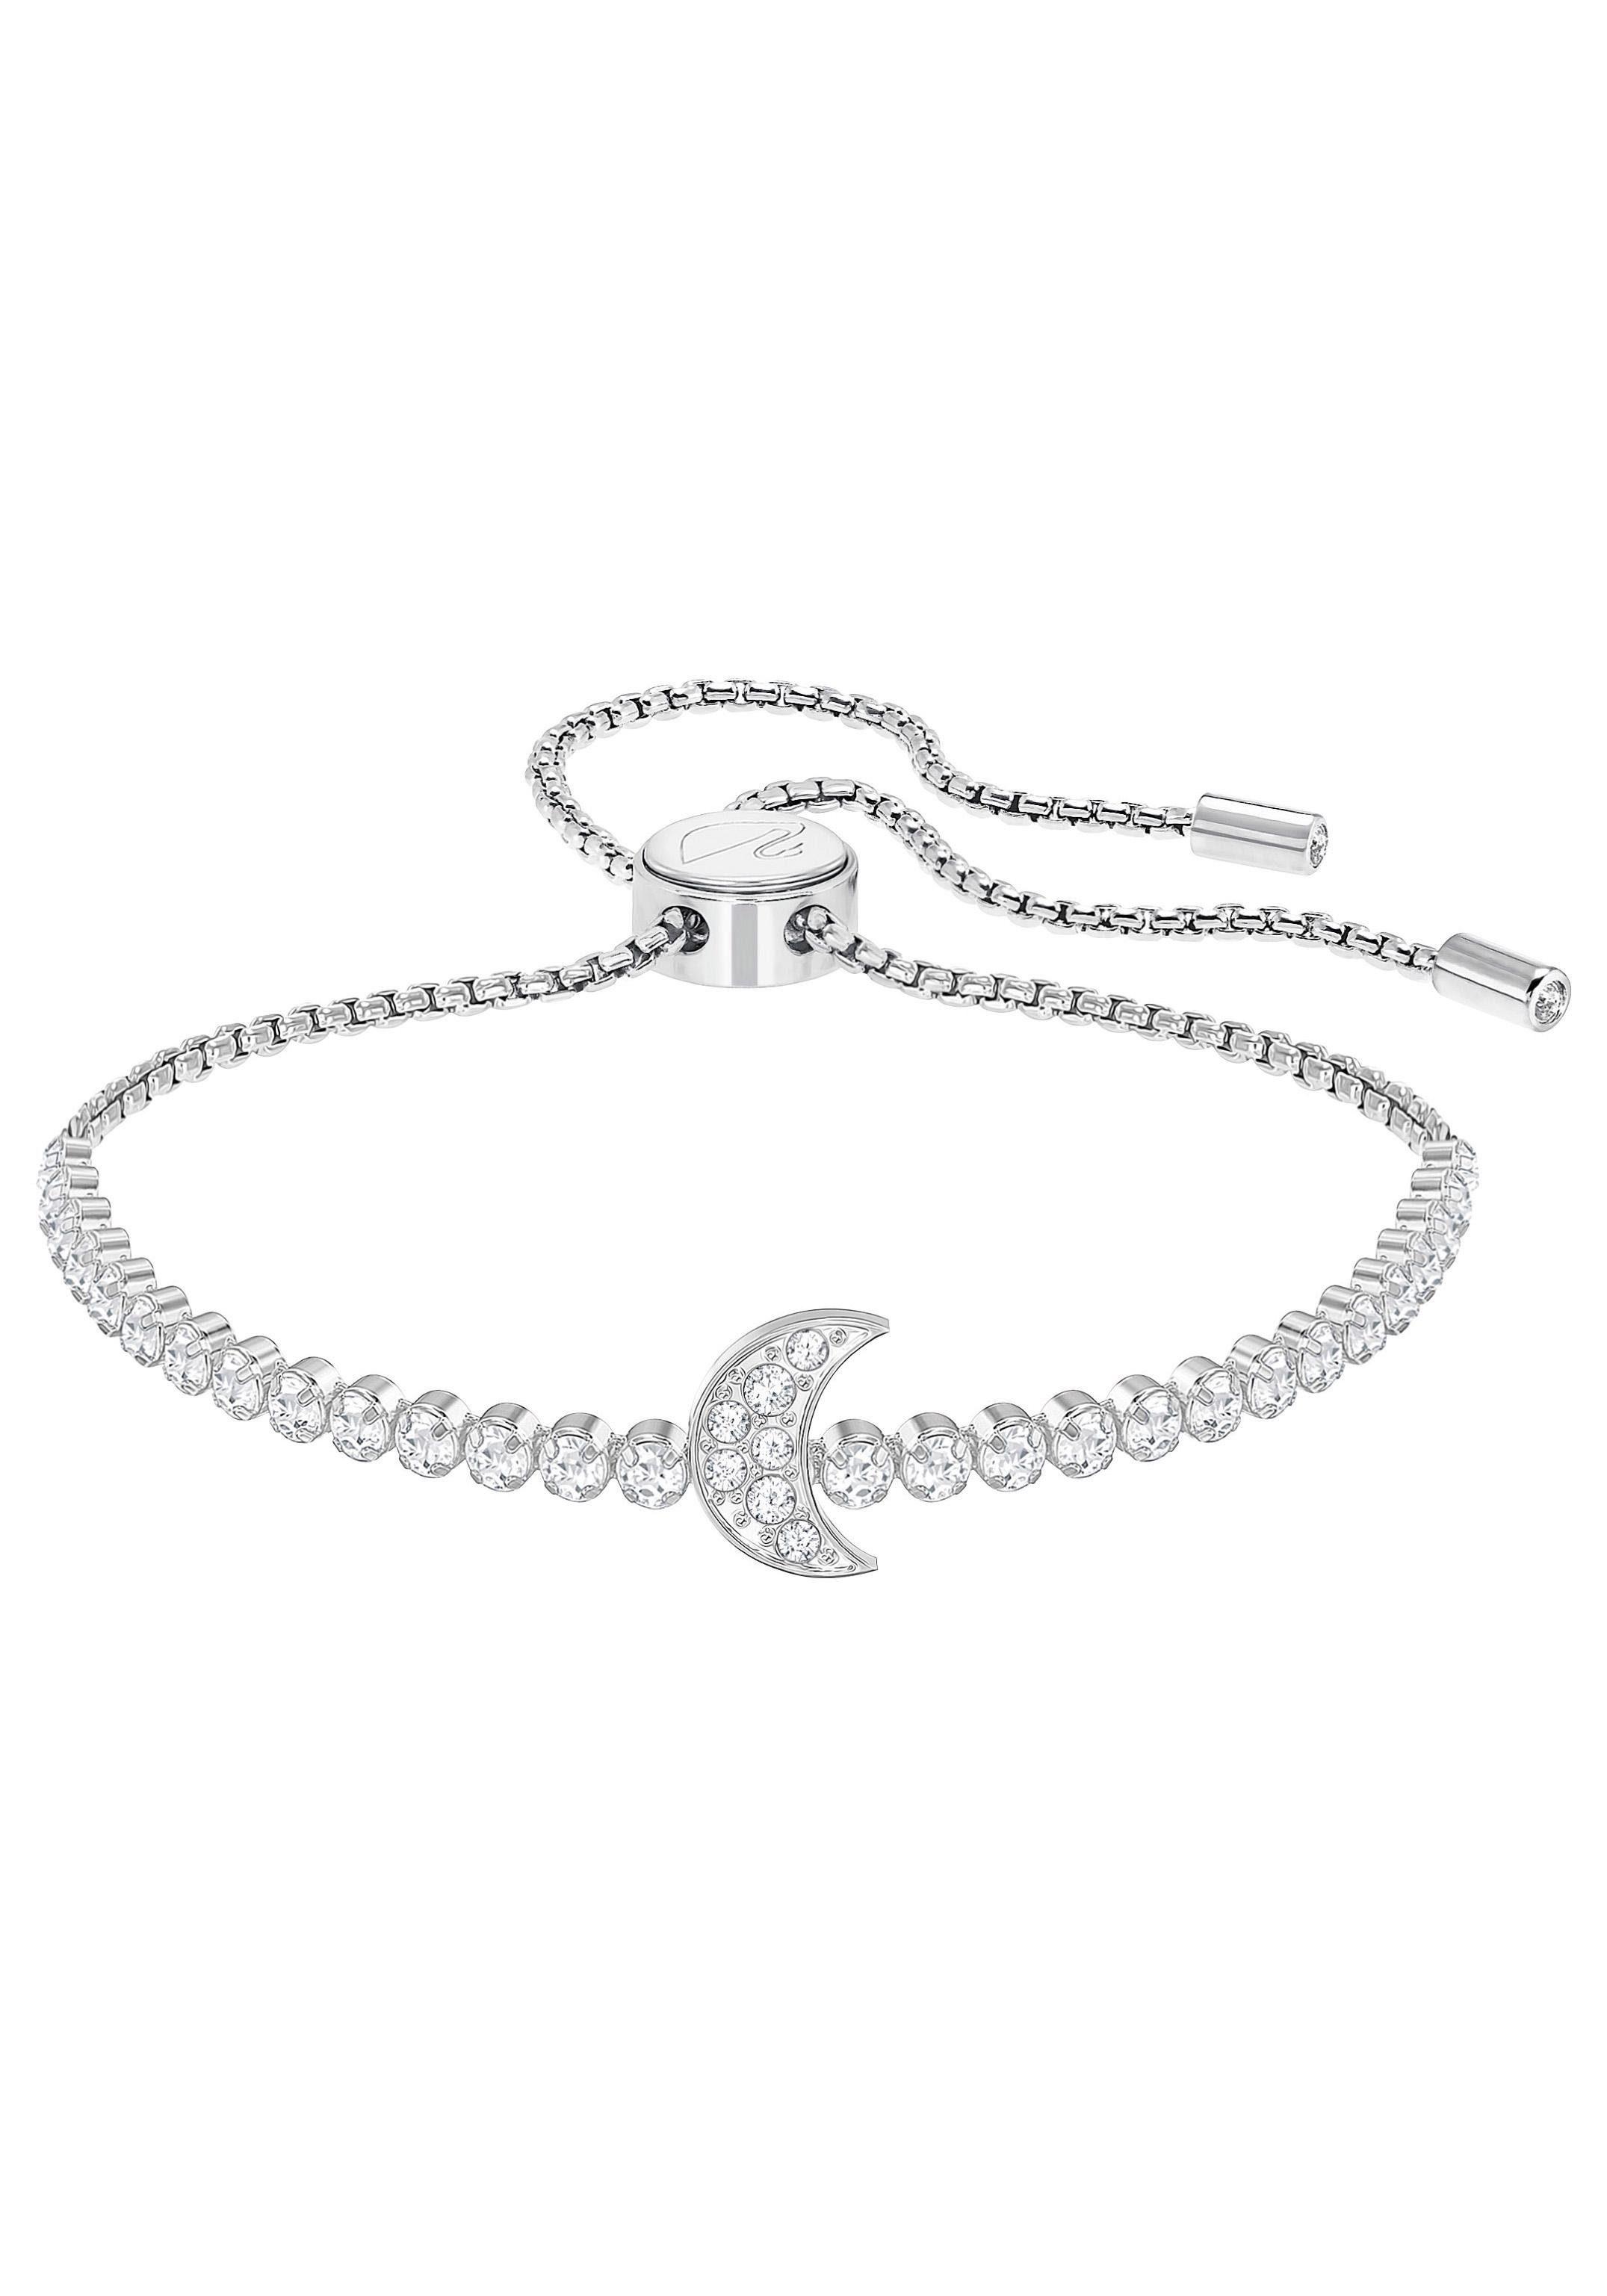 Swarovski Armband »Mond, Subtle Moon Armband, weiss, rhodiniert, 5349627«, mit Swarovski® Kristallen